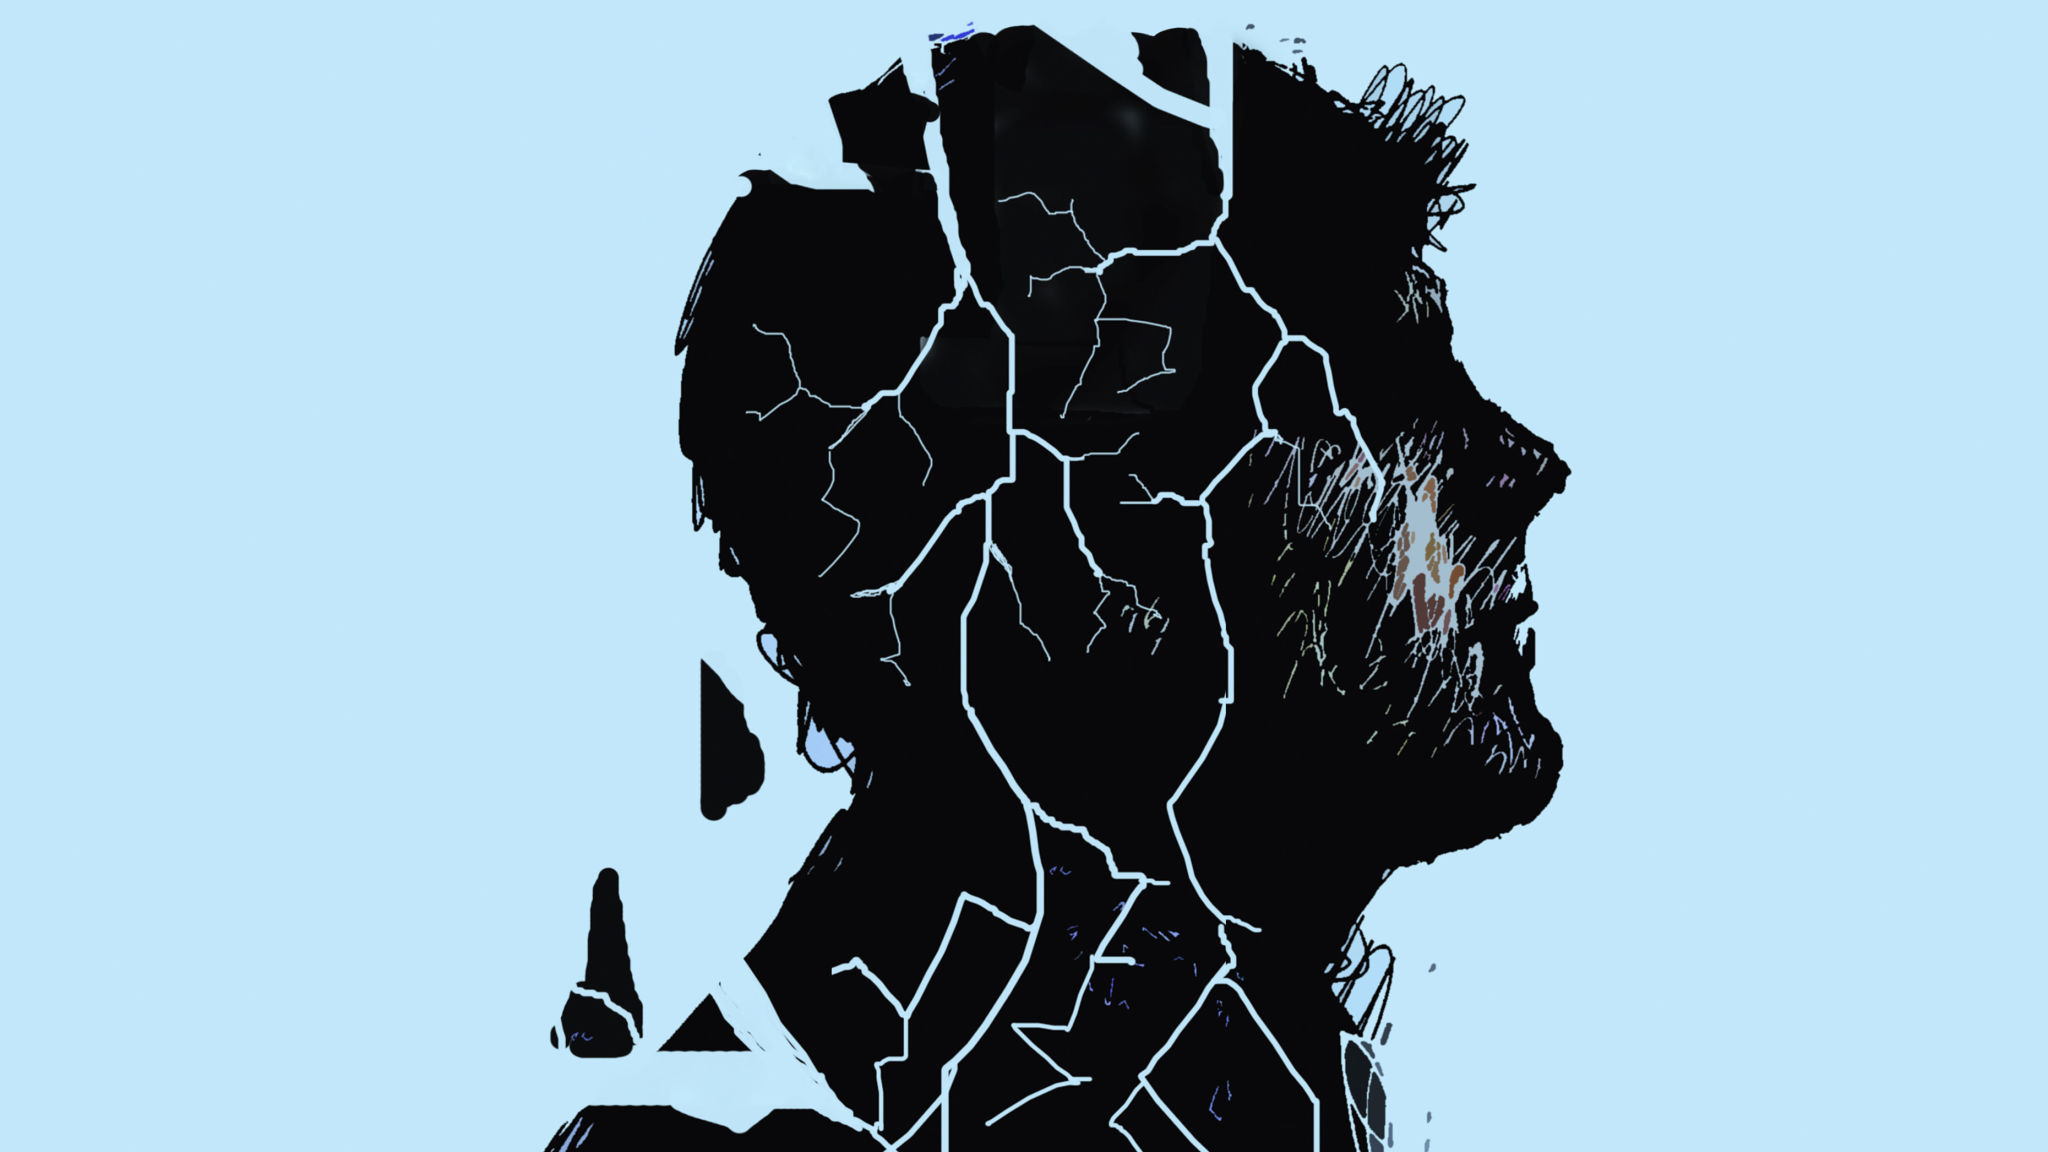 خودکشی ، درمان خودکشی ، مقابله با افکار خودکشی